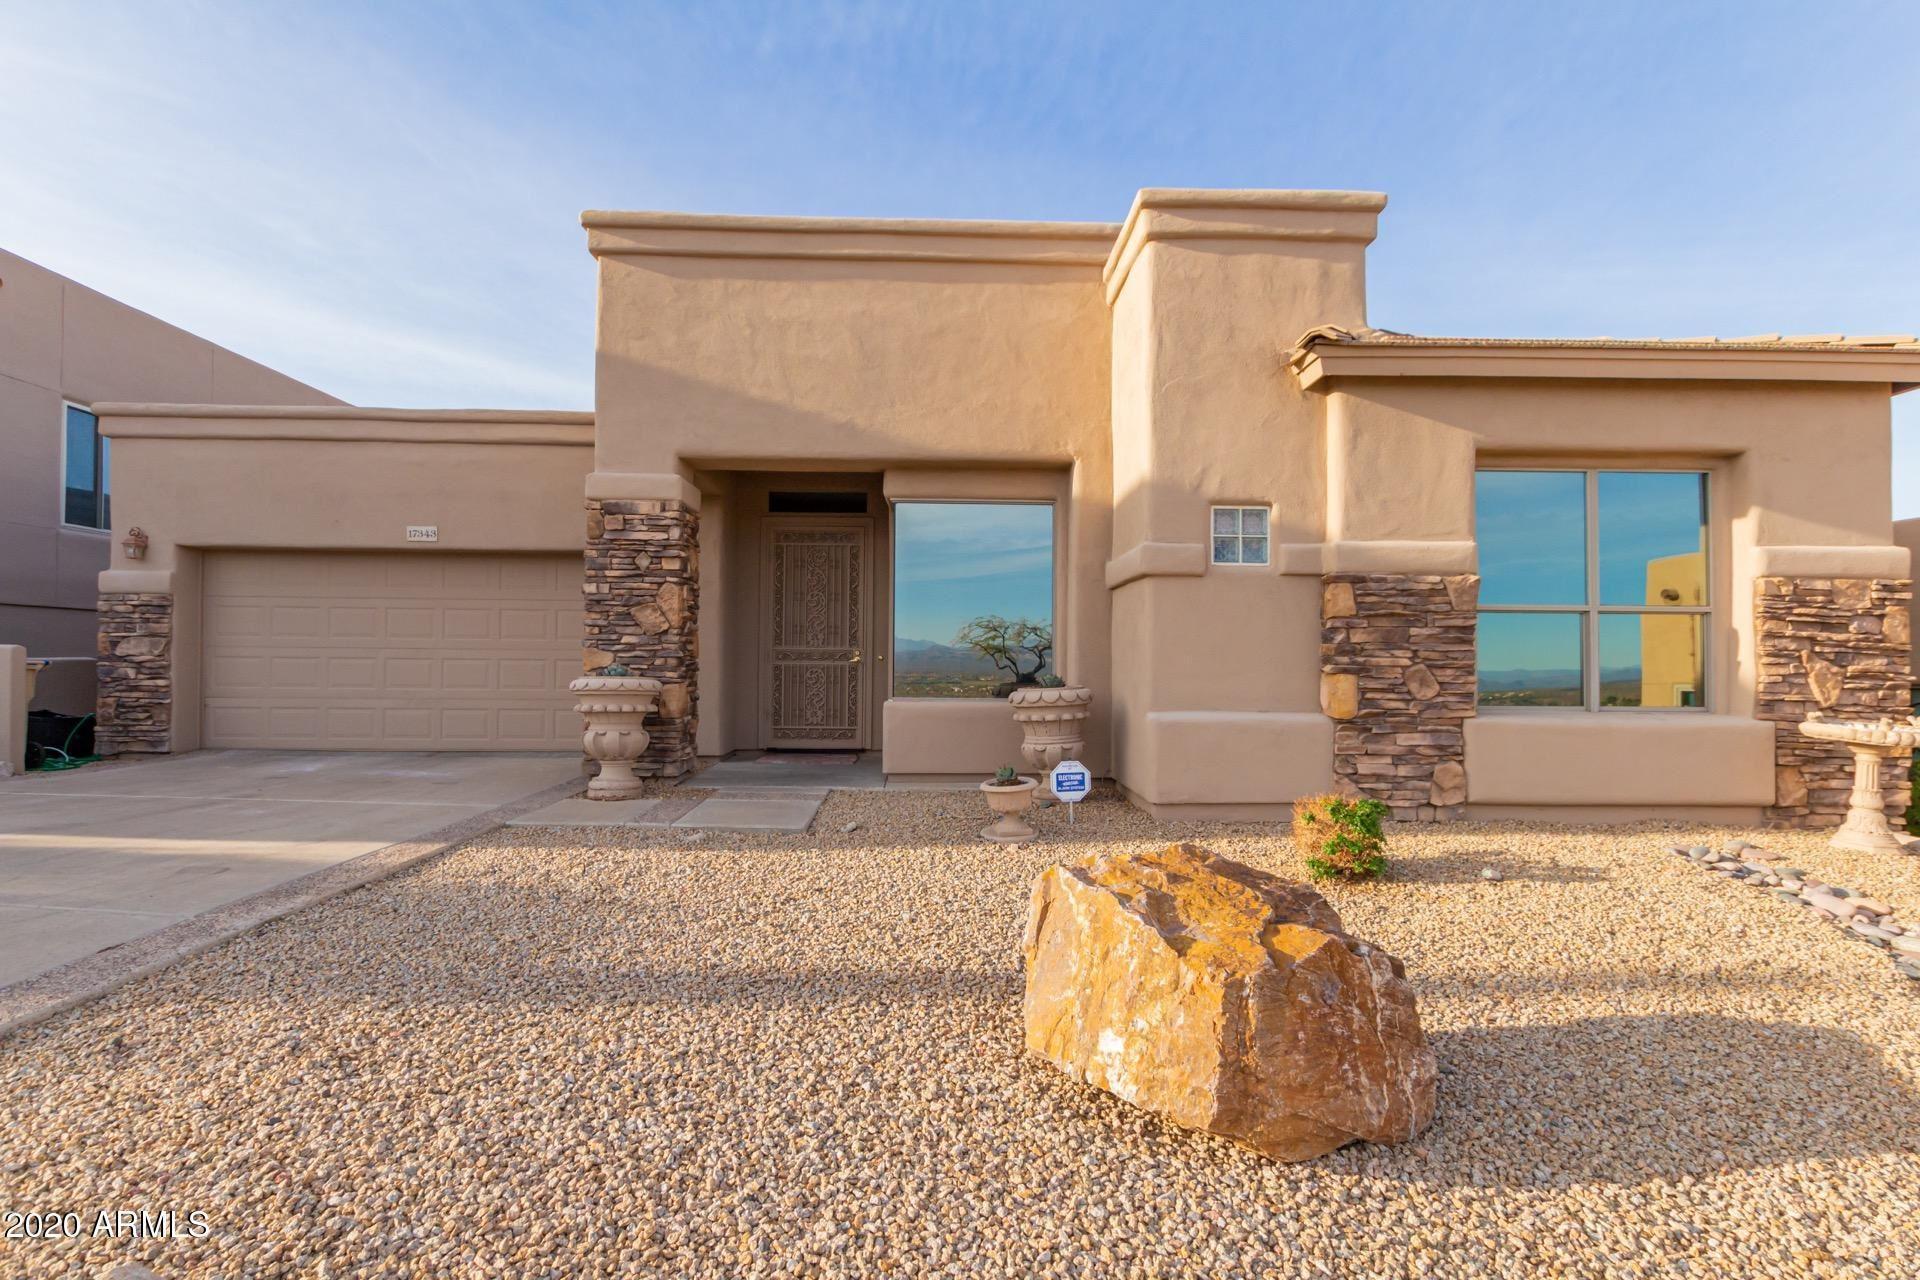 17343 E FONTANA Way, Fountain Hills, AZ 85268 - MLS#: 6175404